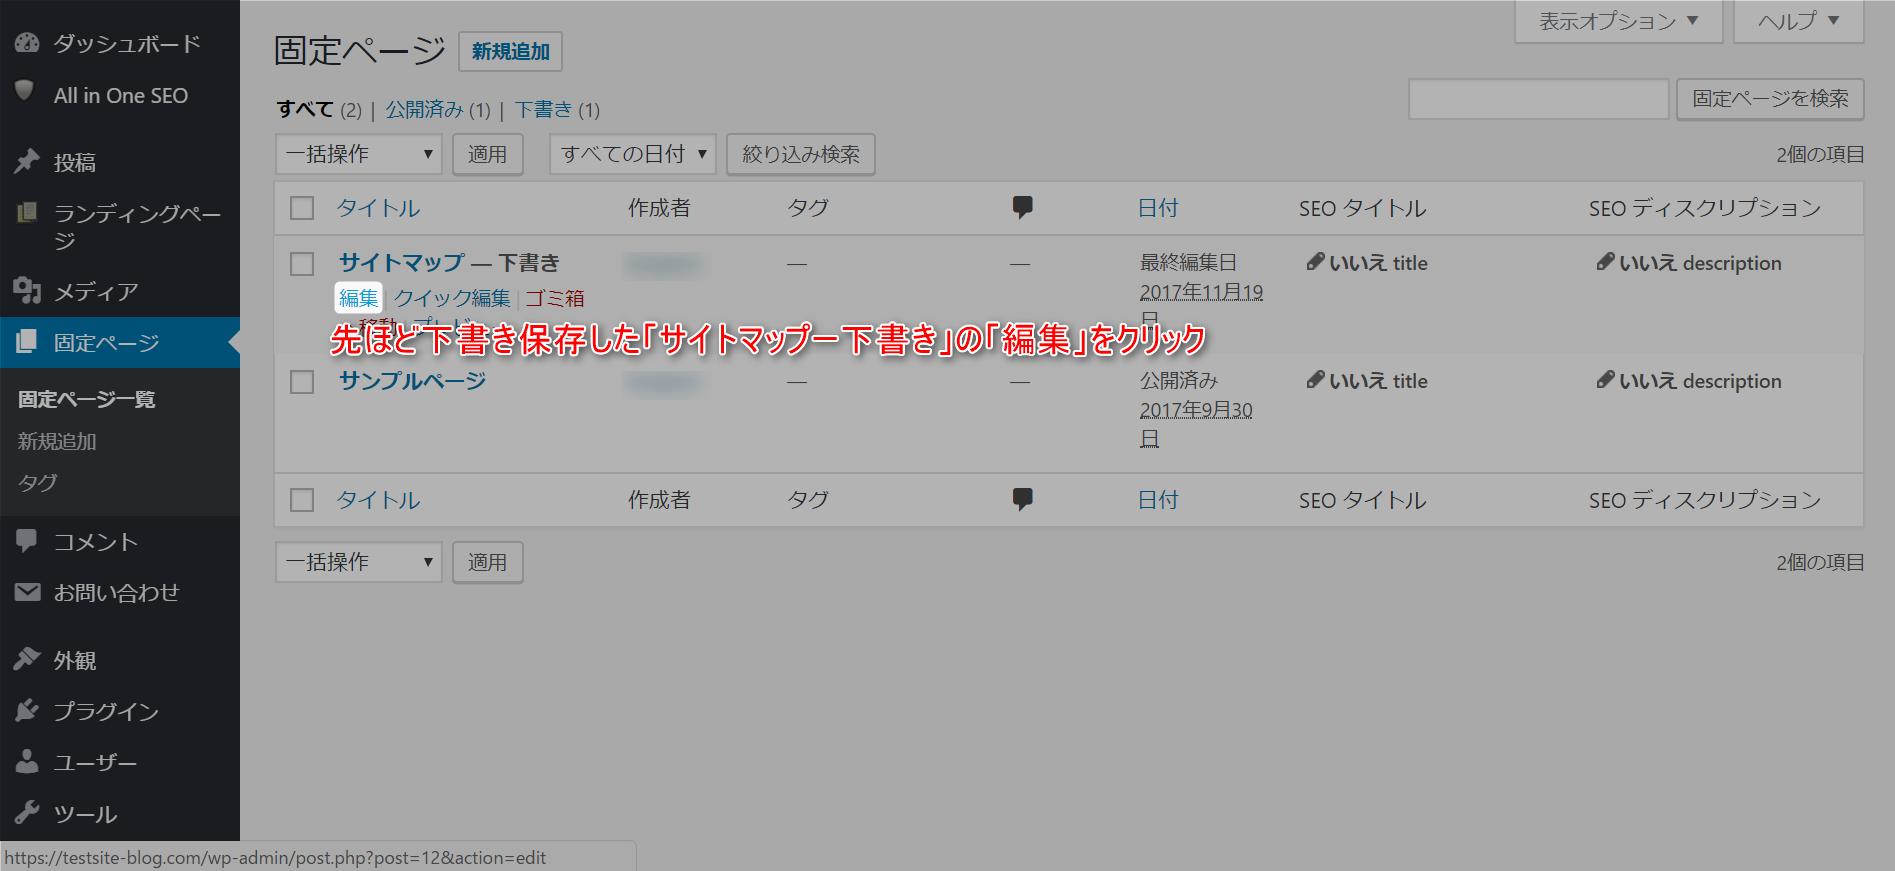 サイトマップ下書きの編集